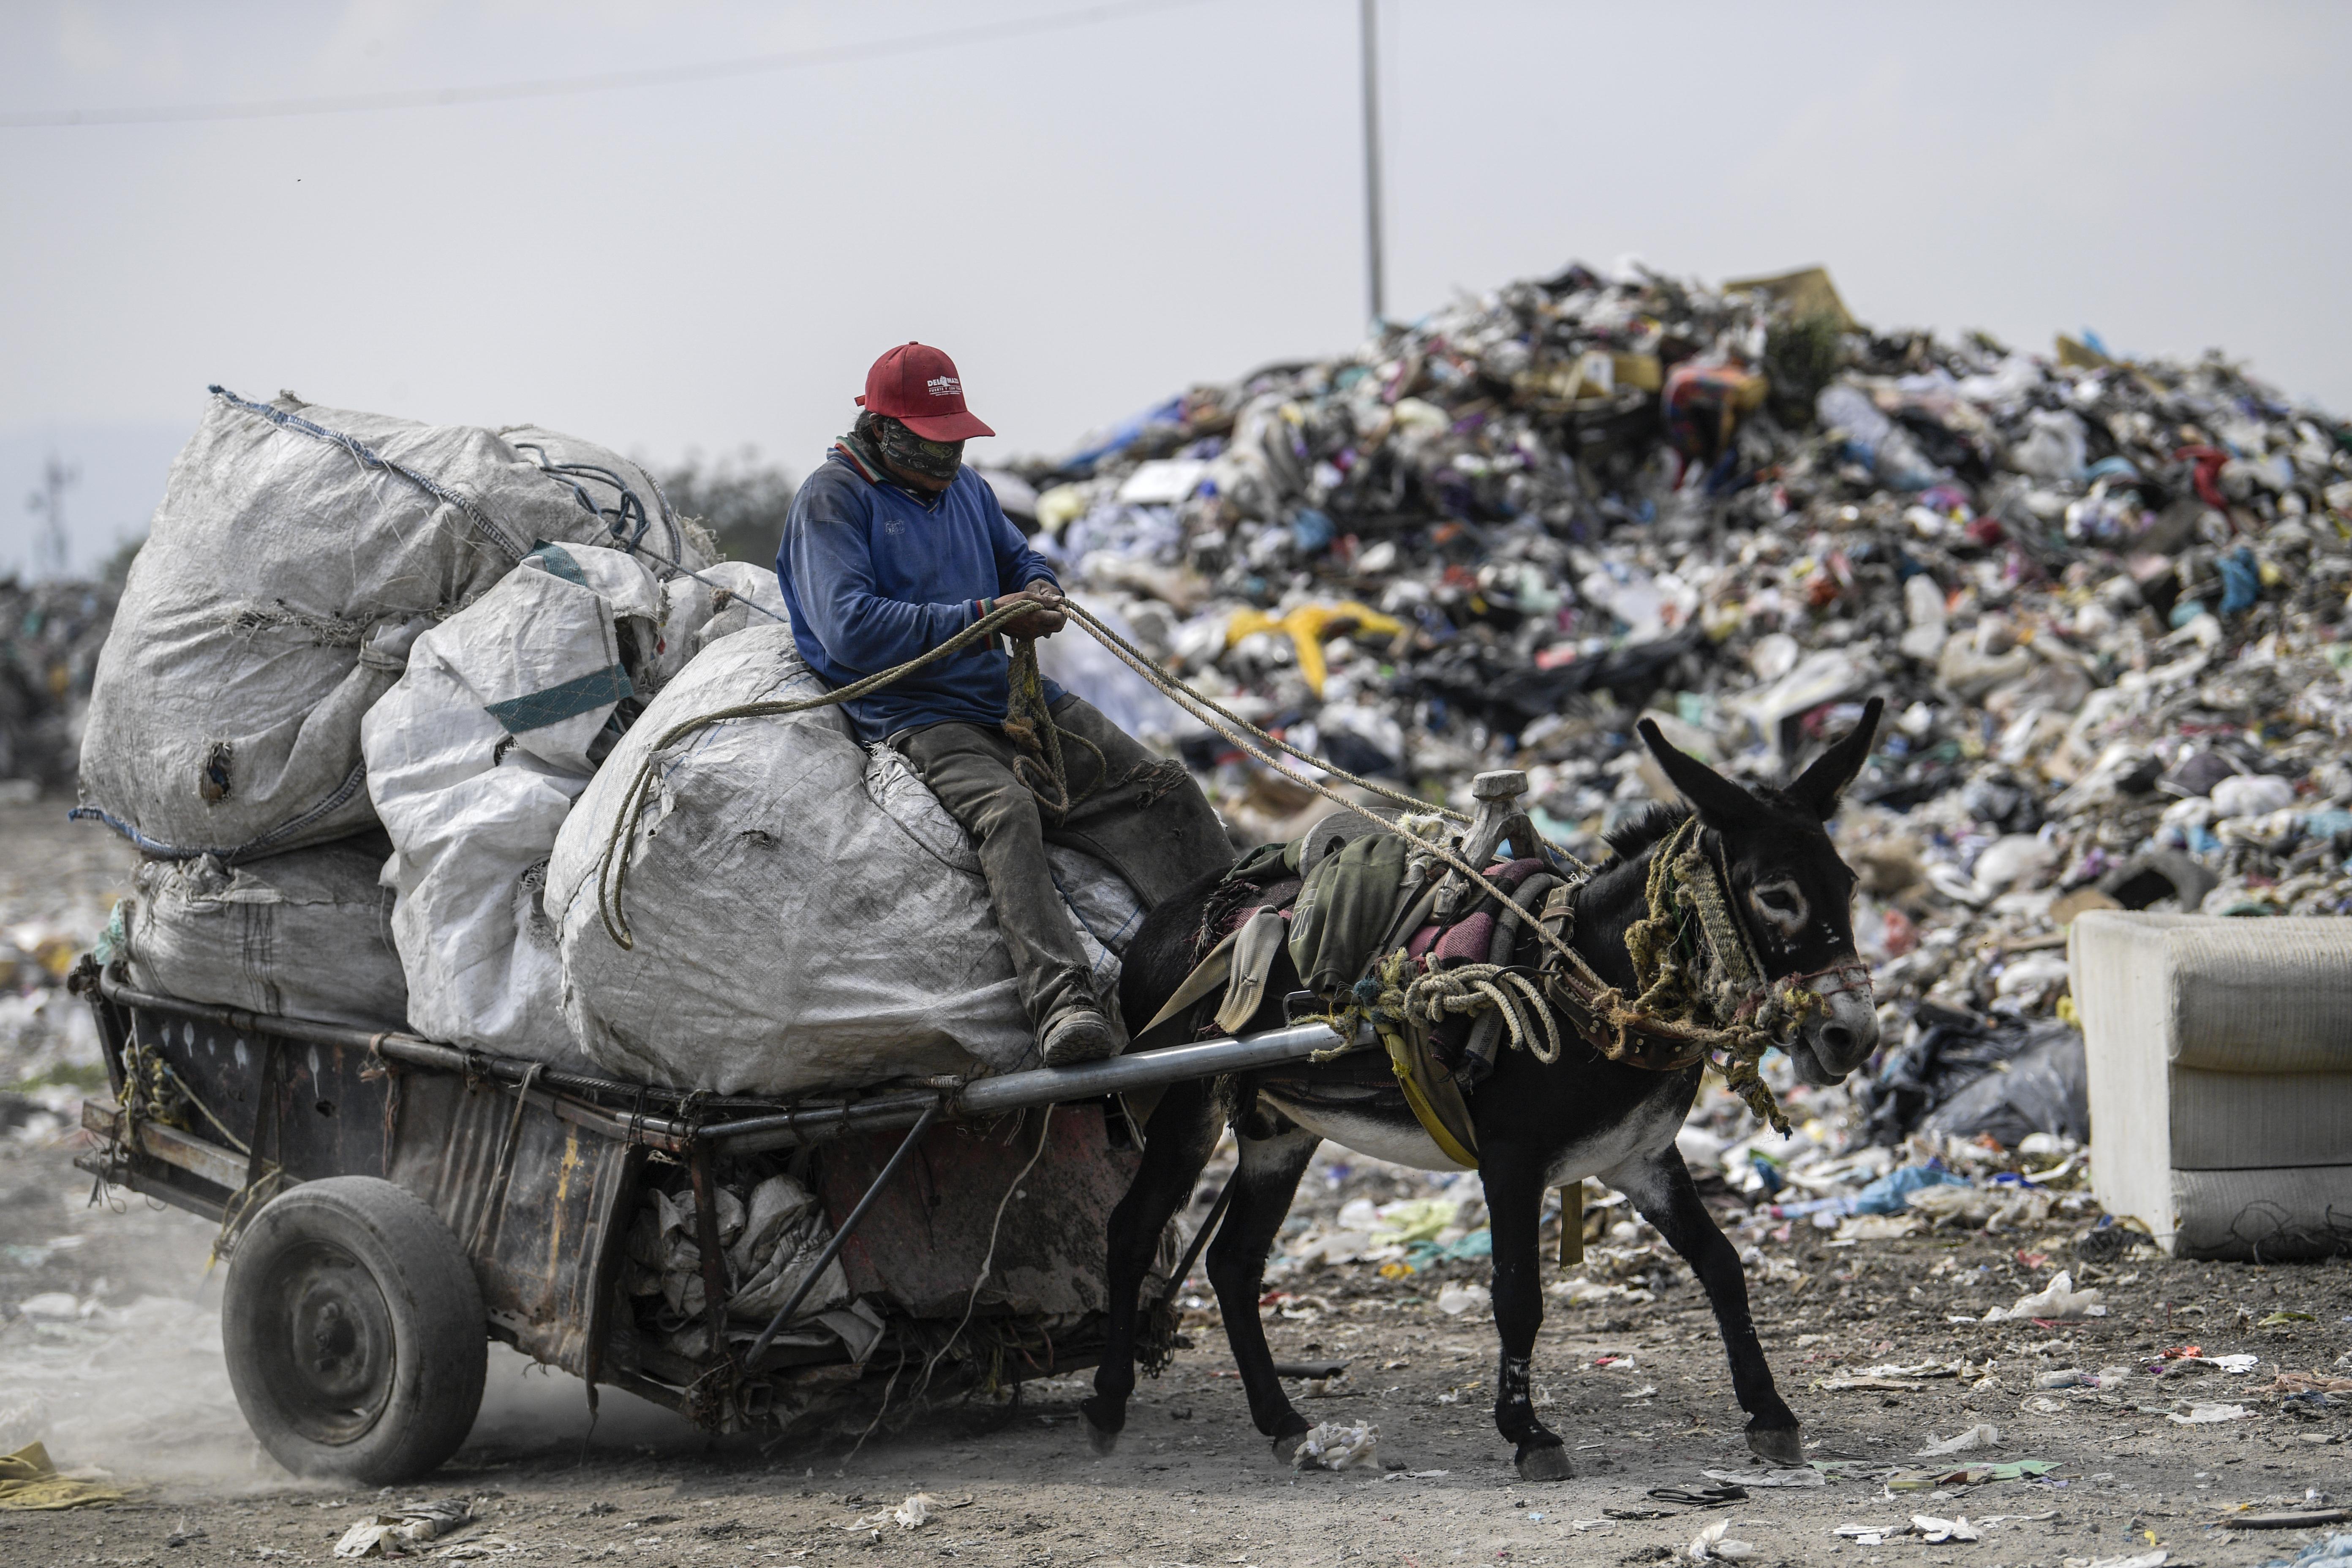 Un trabajador monta un carro tirado por un burro en el basurero